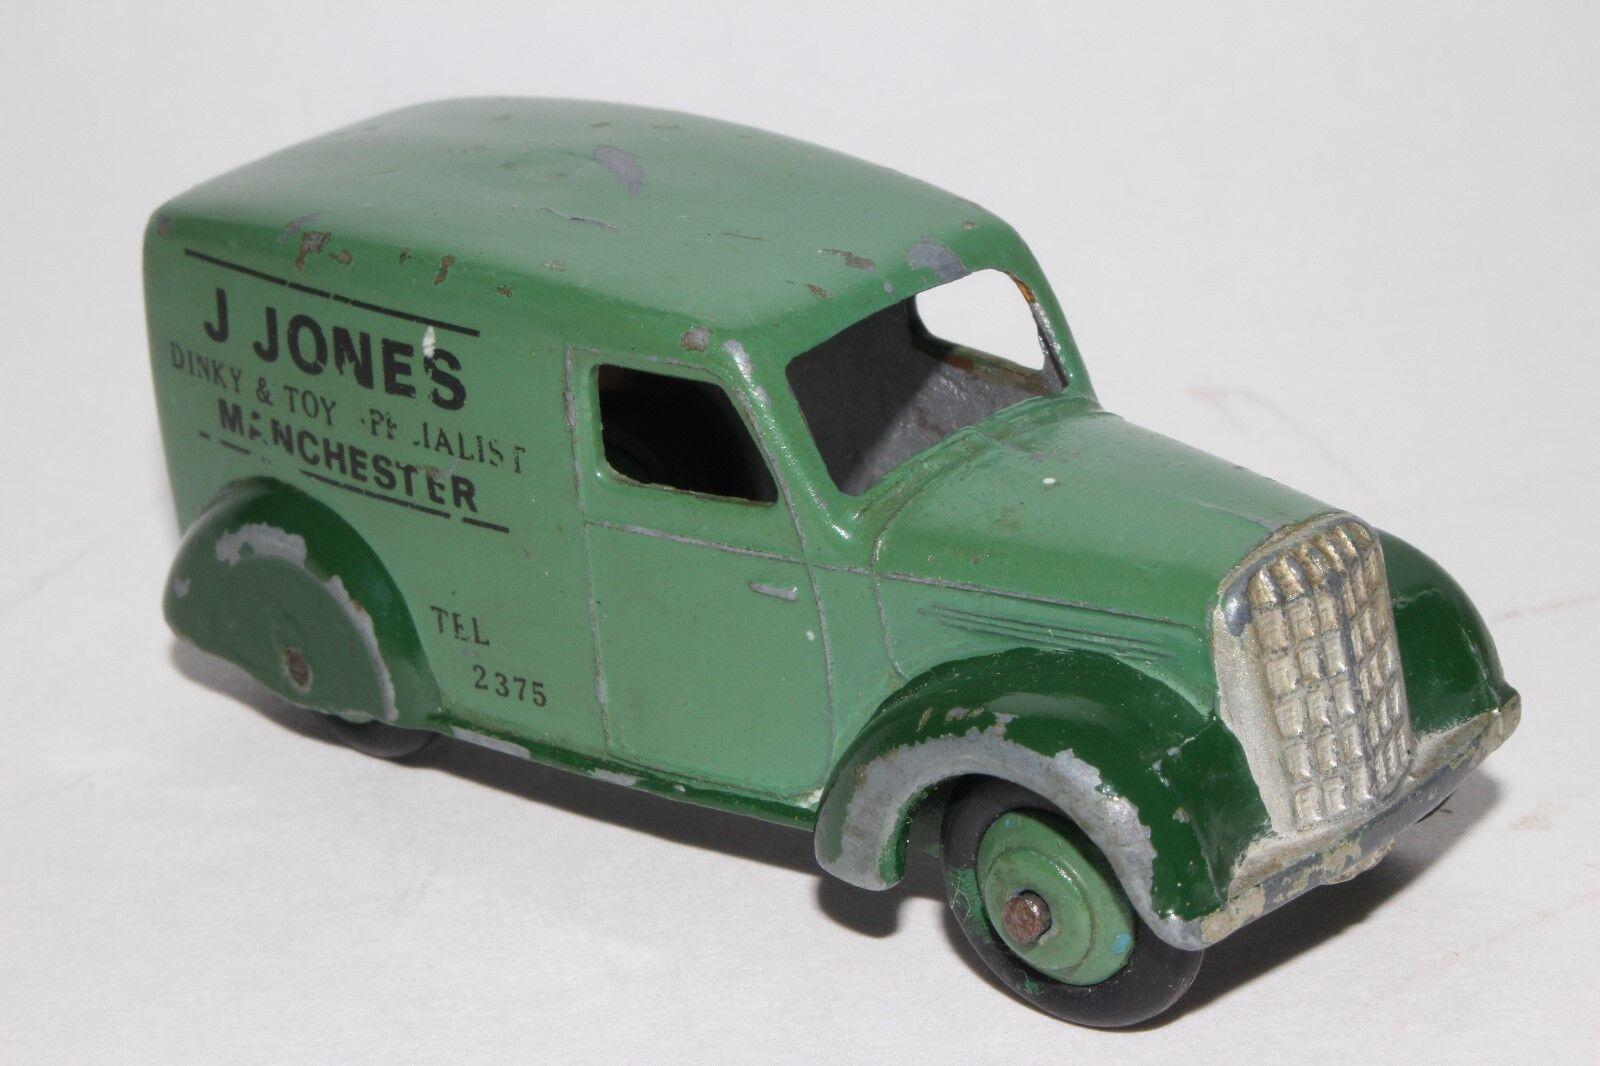 Década de 1950 Dinky Toys Van, publicidad personalizada